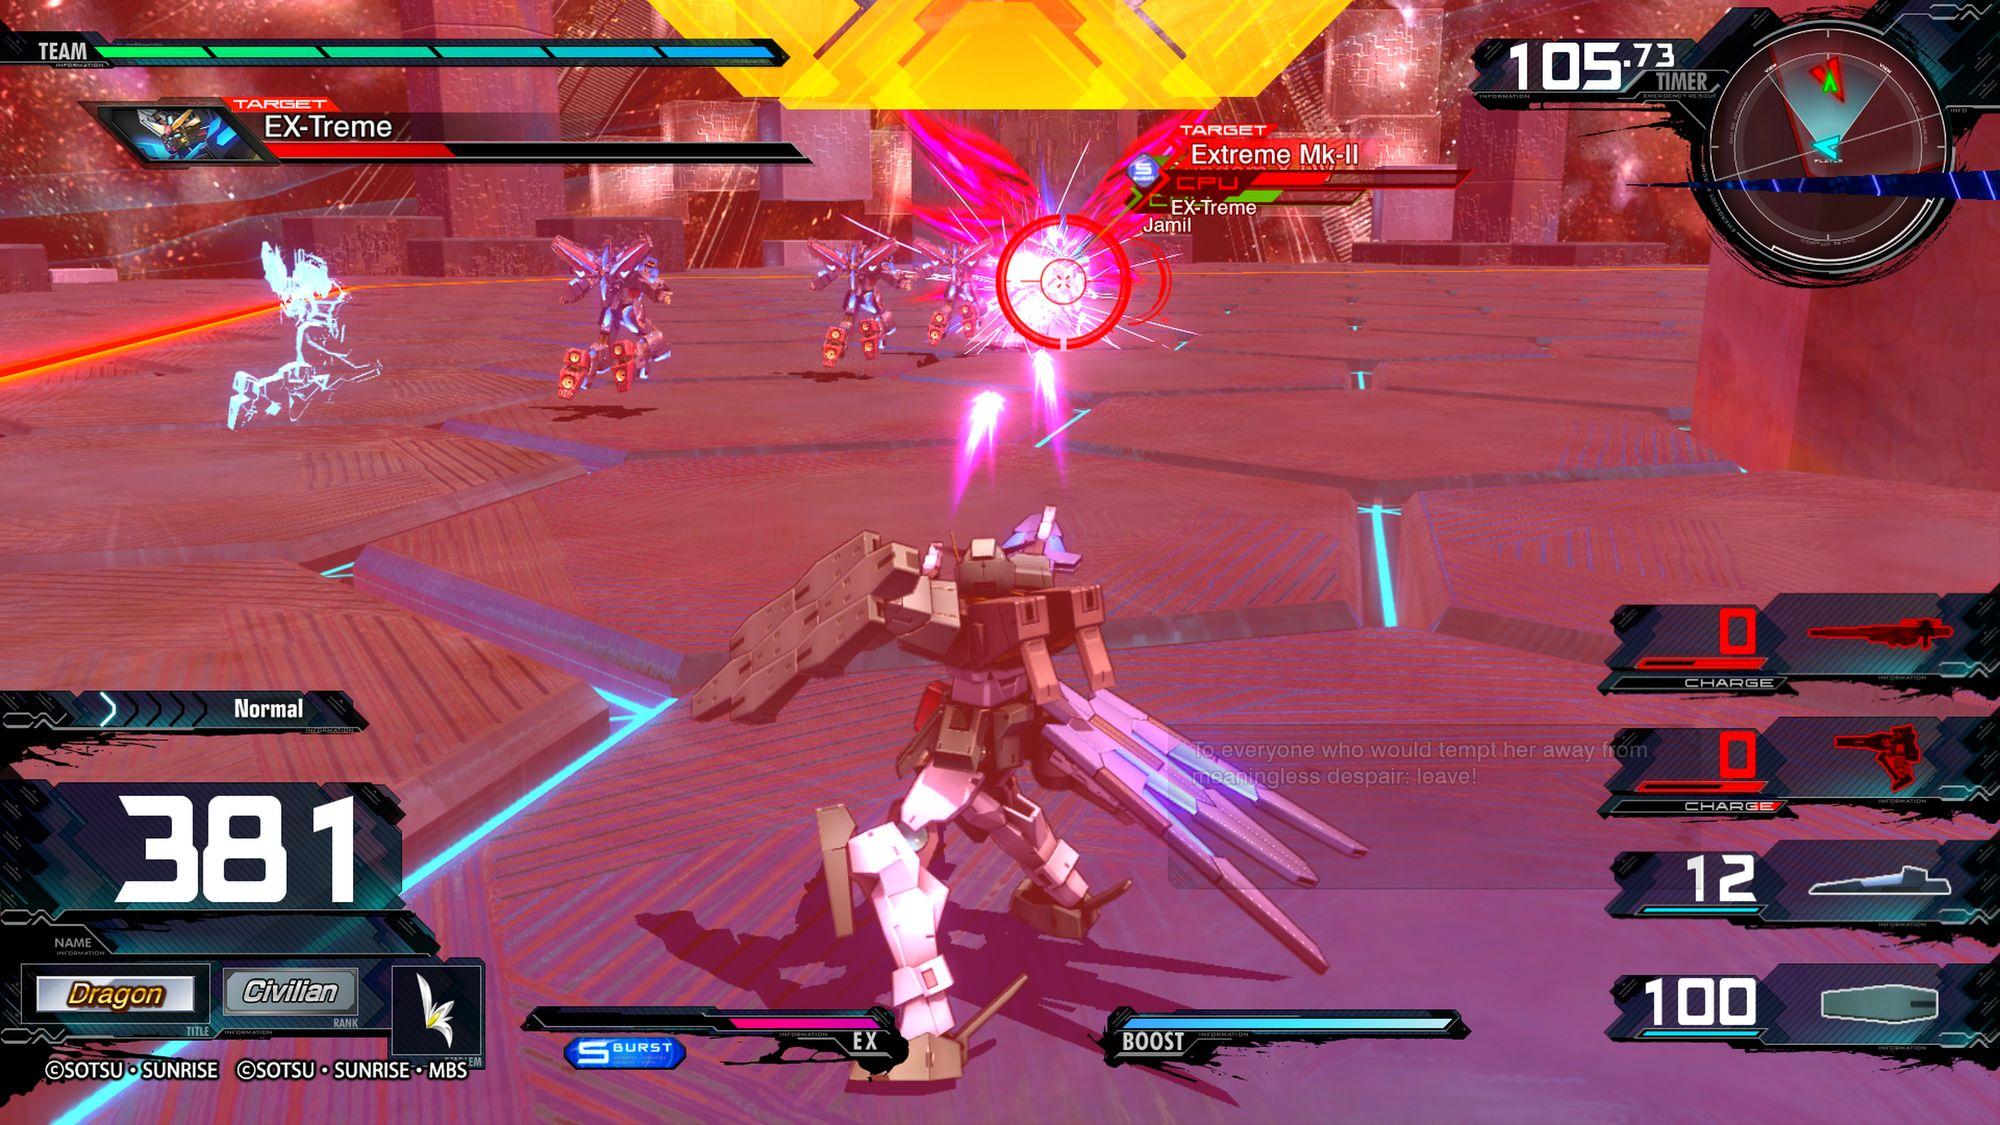 Cherudim VS EX-Treme Gundam